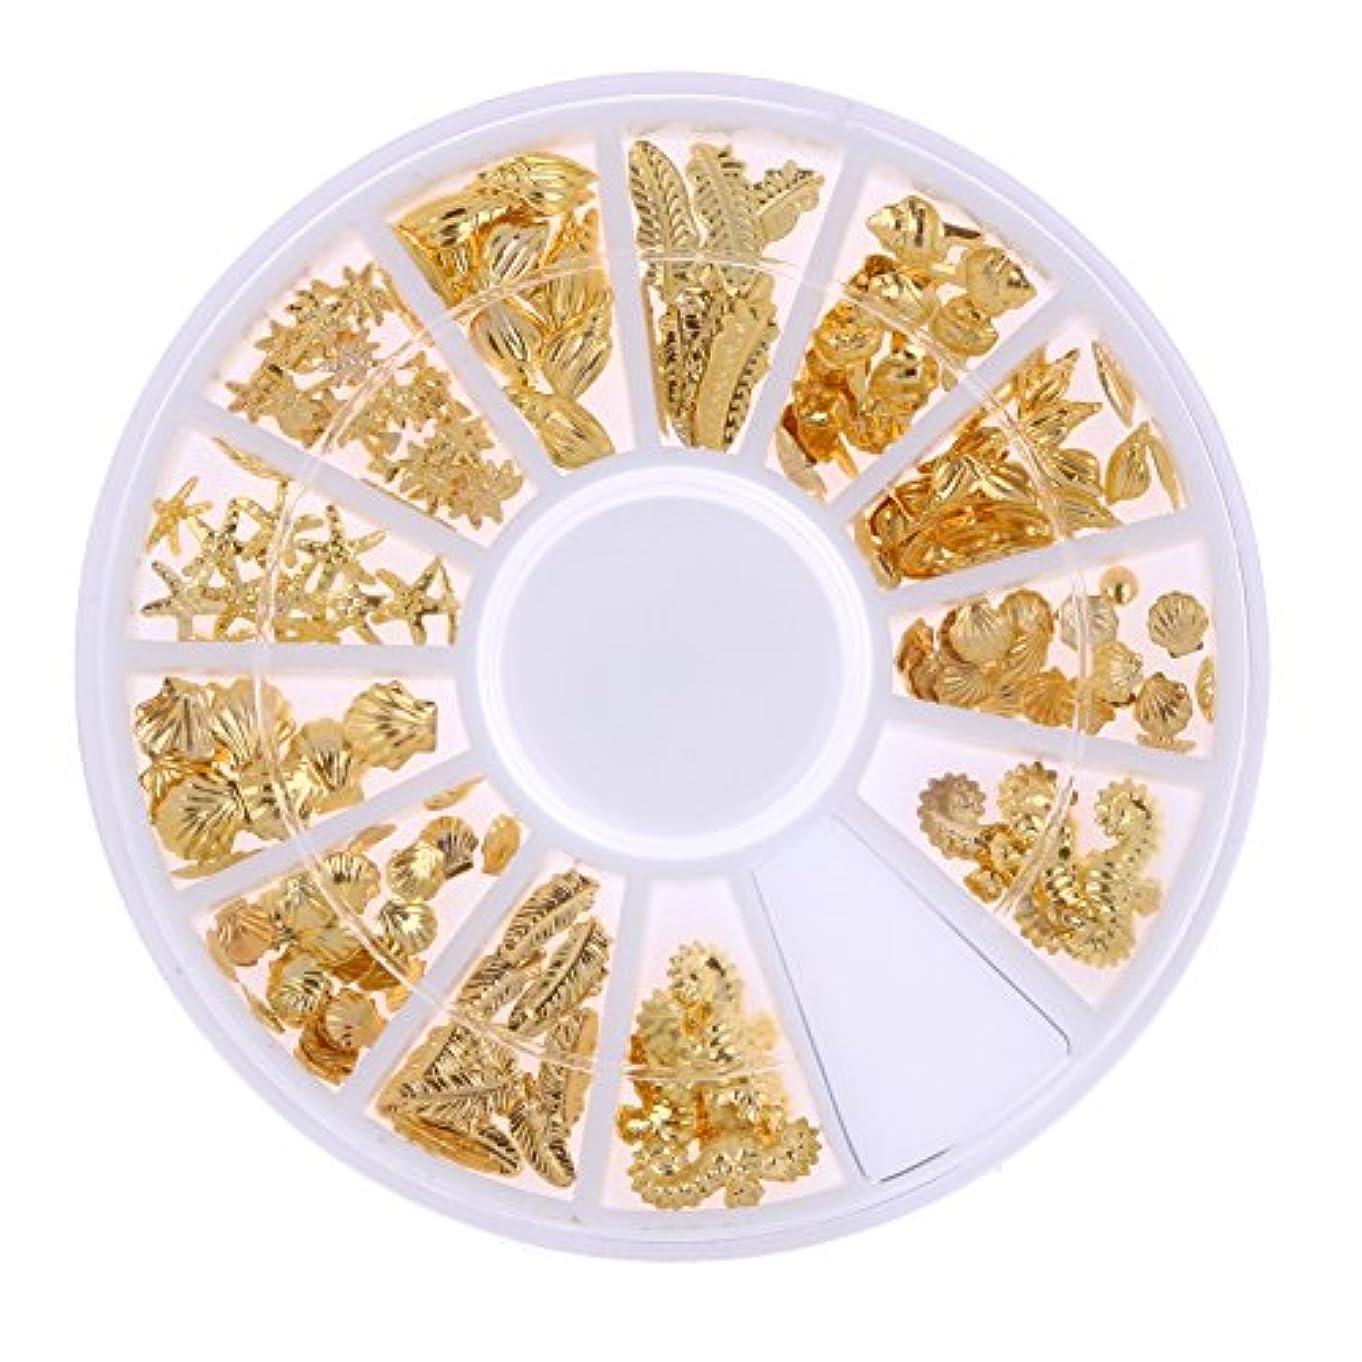 地上の可能にする年齢Demiawaking ネイルパーツ メタル ネイルアート ゴールド 海テーマ(貝殻/海馬/海星) 12種類 DIY ネイルデコレーション ラウンドケース入 1個